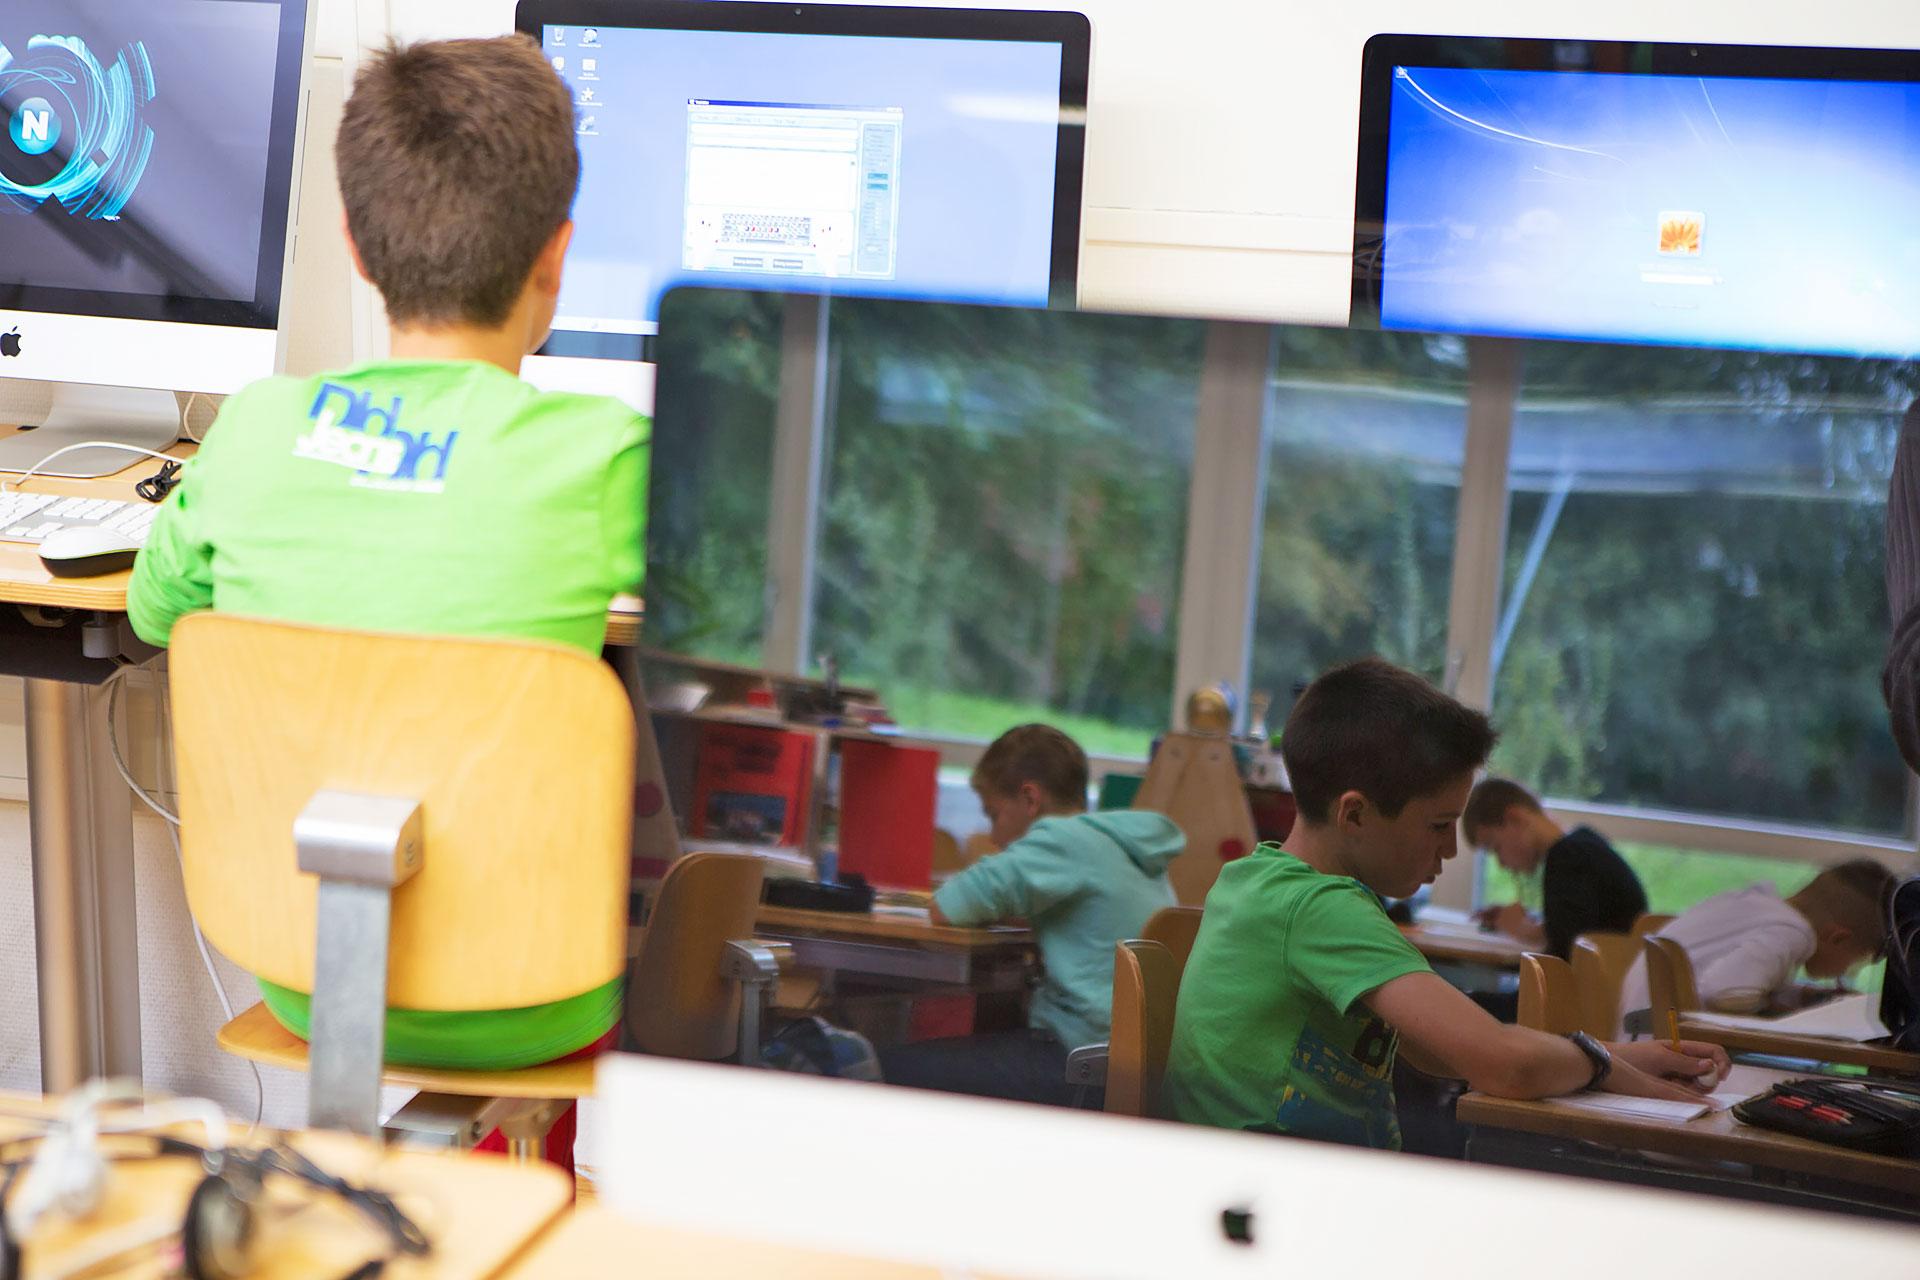 ein Schüler sitzt vor einem Computer, in einem Bildschirm spiegelt sich das Schulzimmer